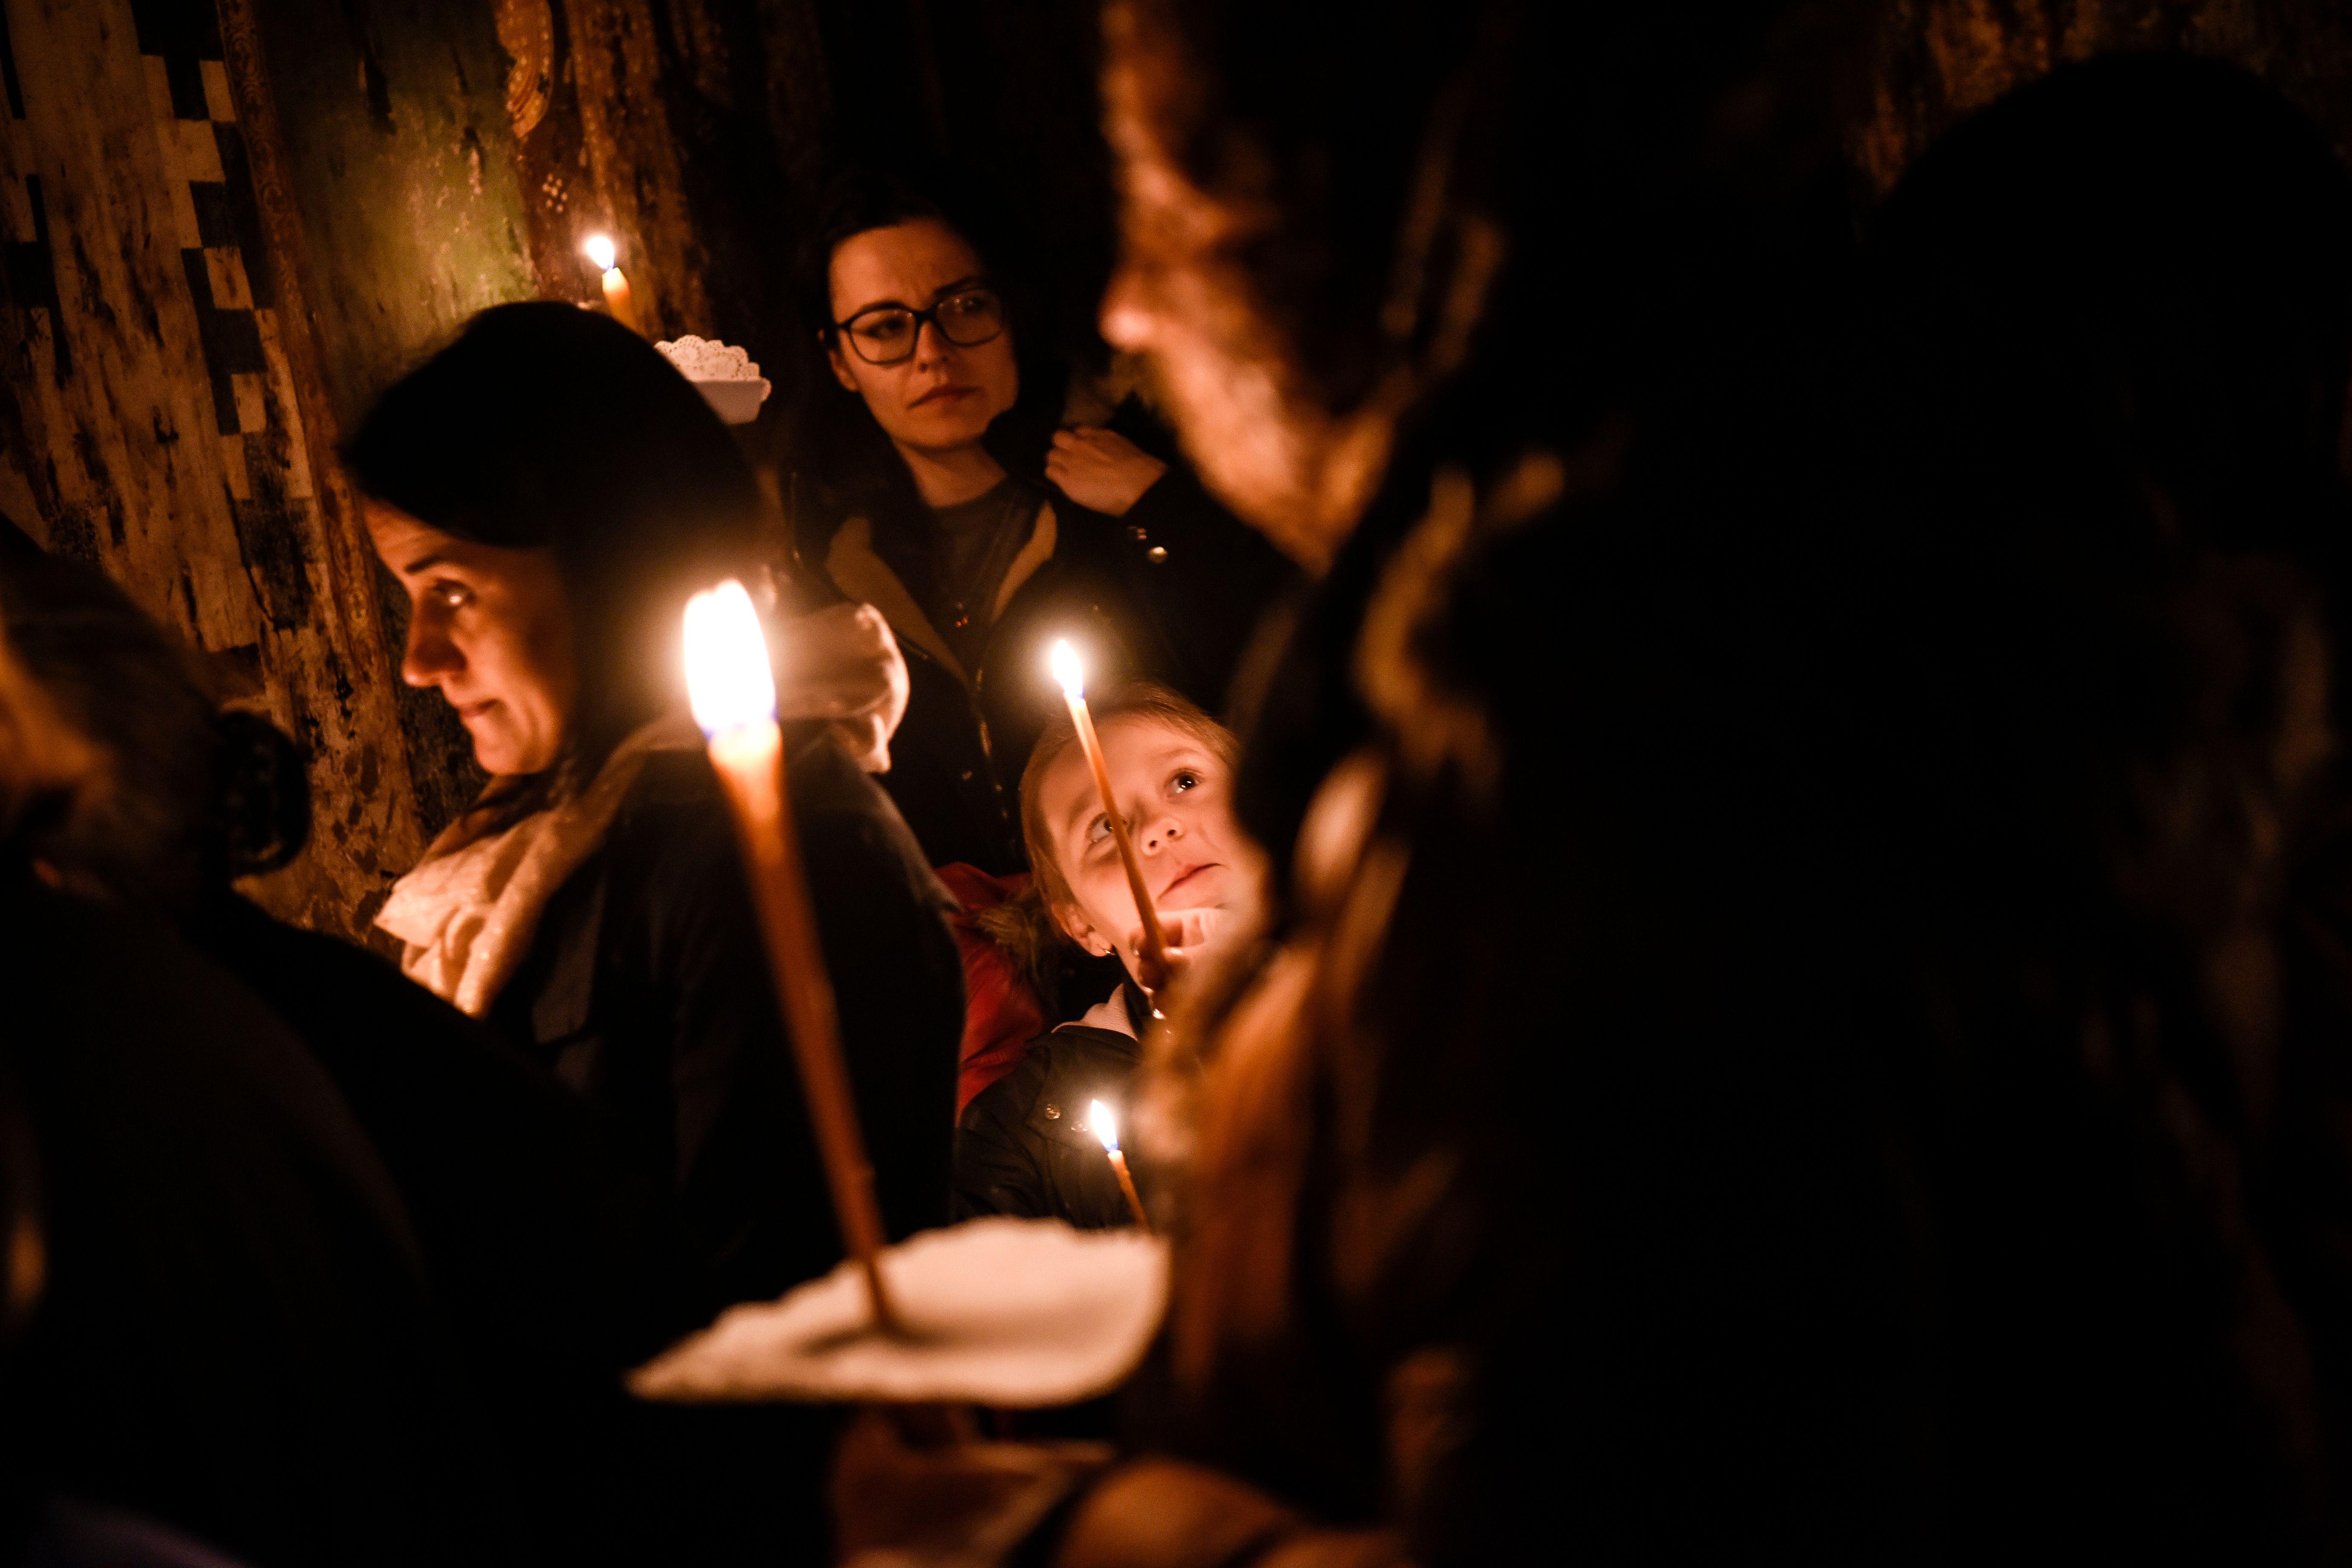 احتفالات المسيحيين فى كوسوفو